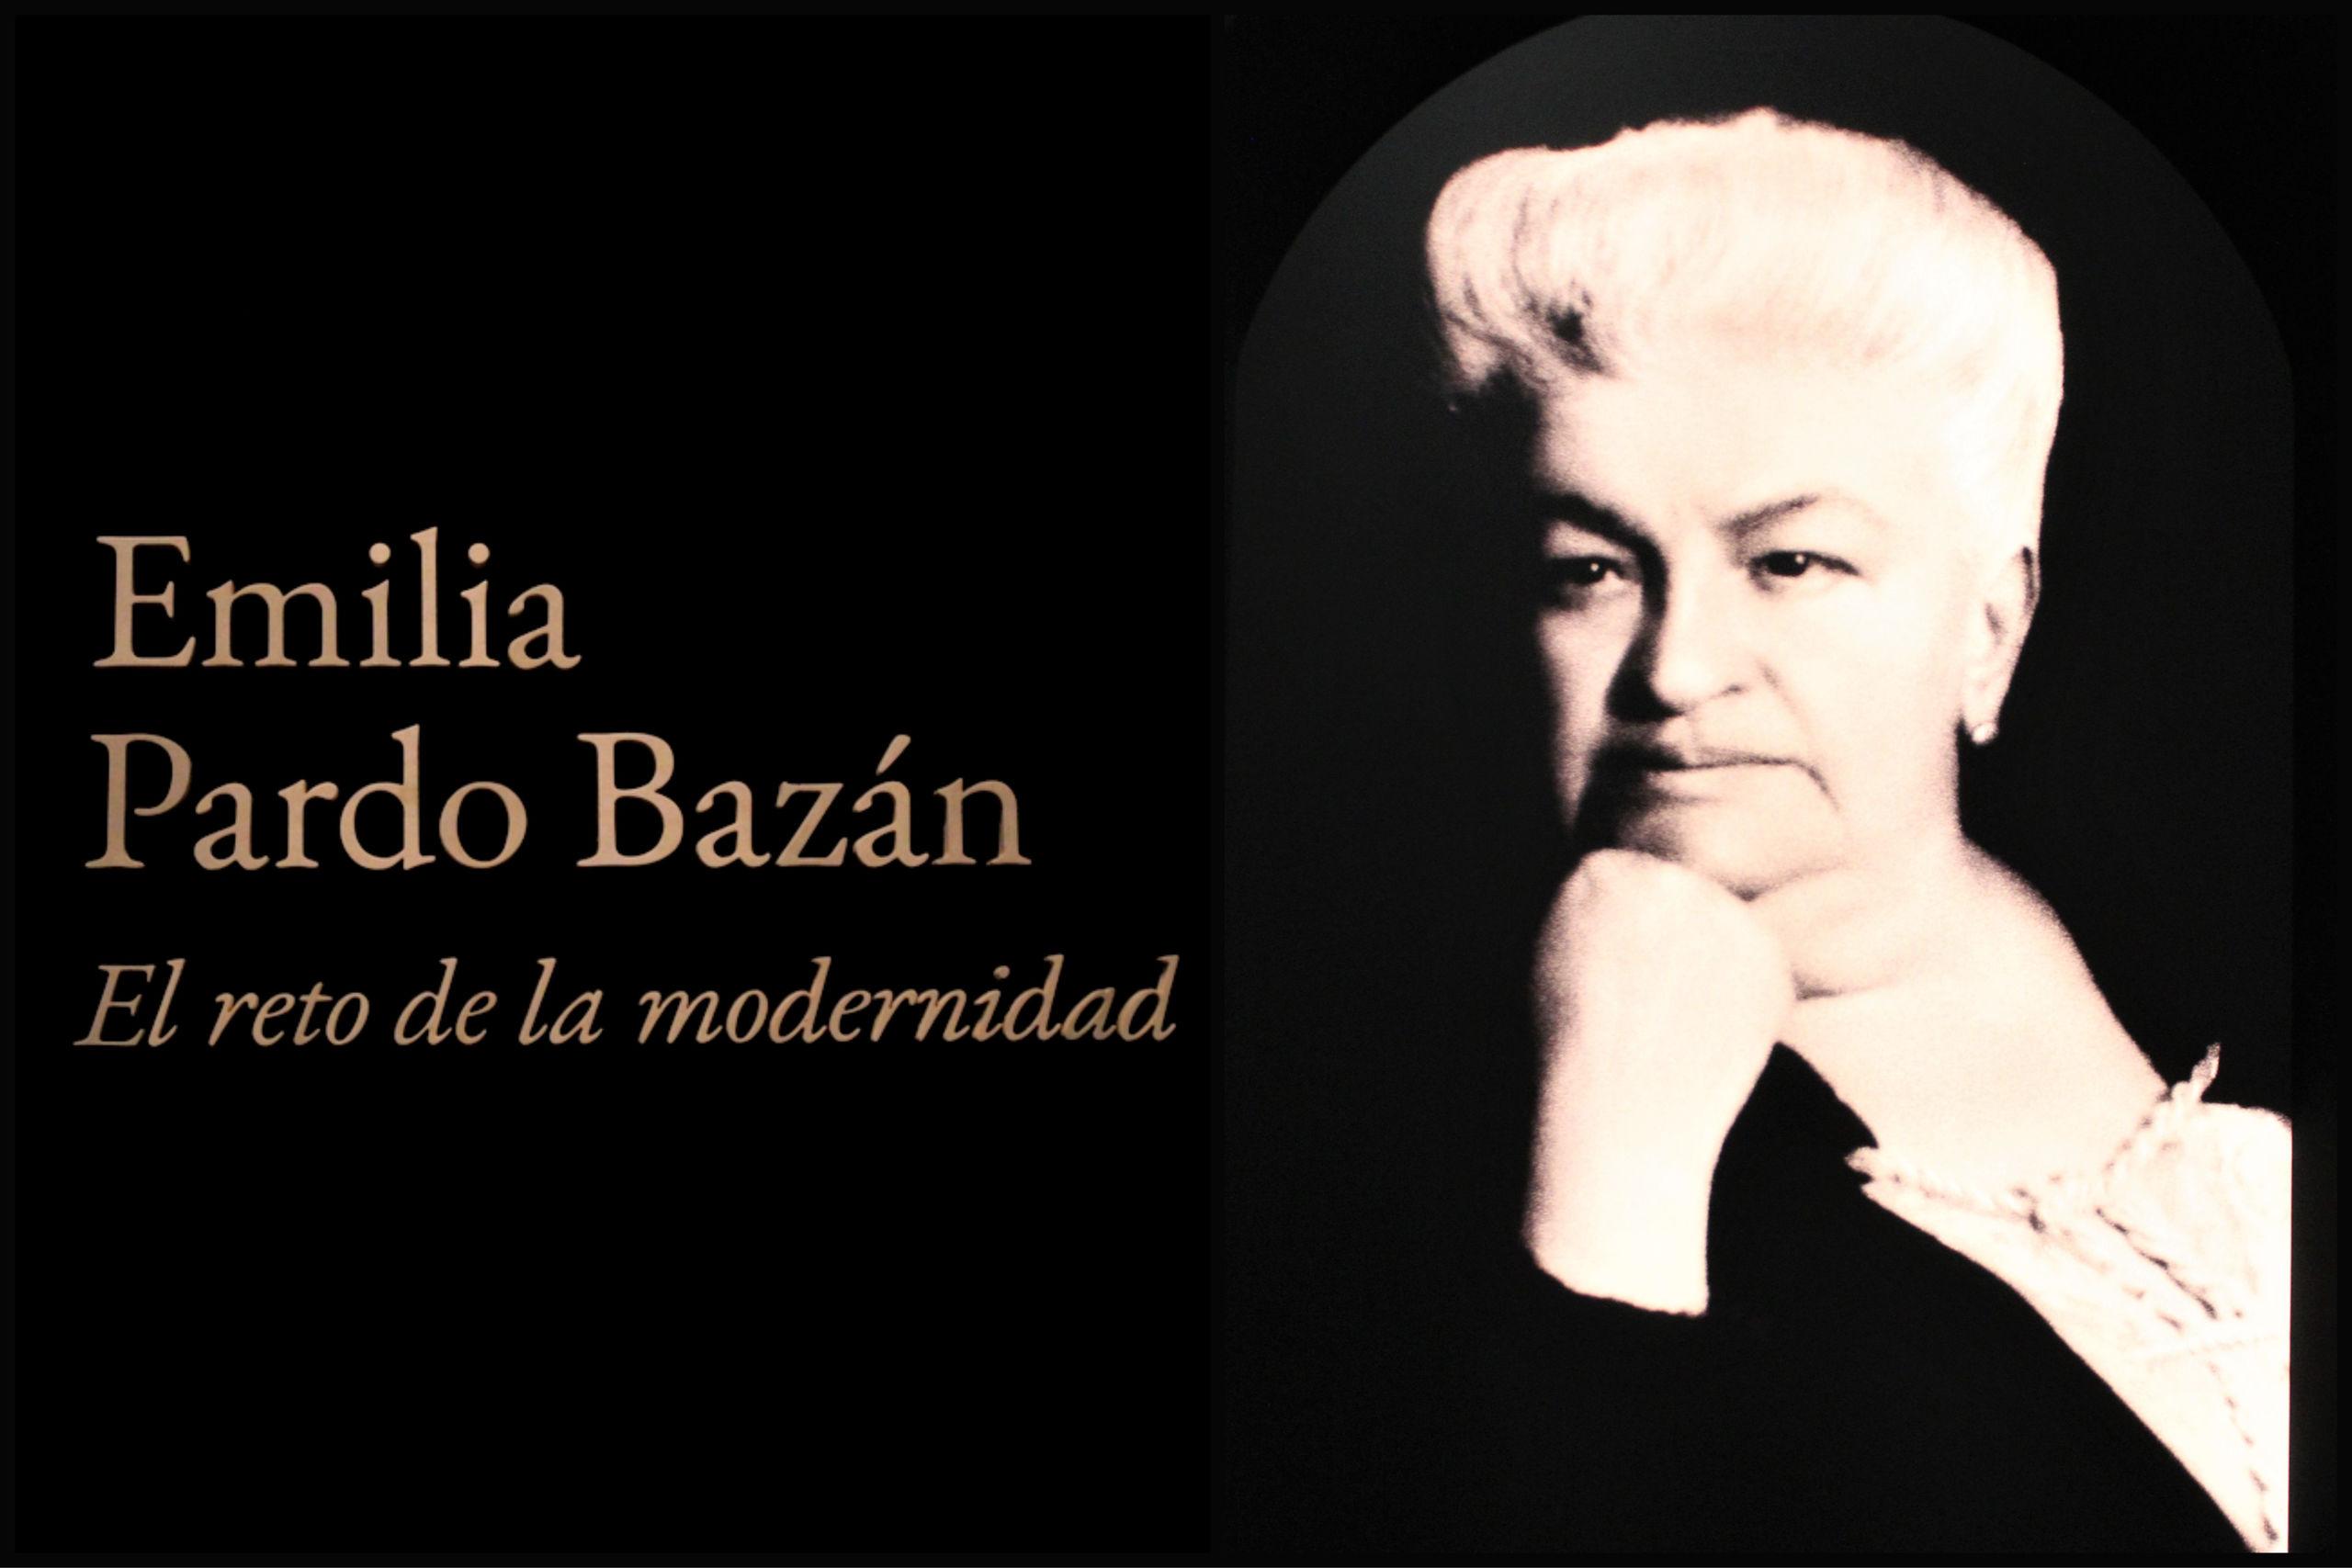 Exposición homenaje a Emilia Pardo Bazán en la Biblioteca Nacional -  Libertad Digital - Cultura